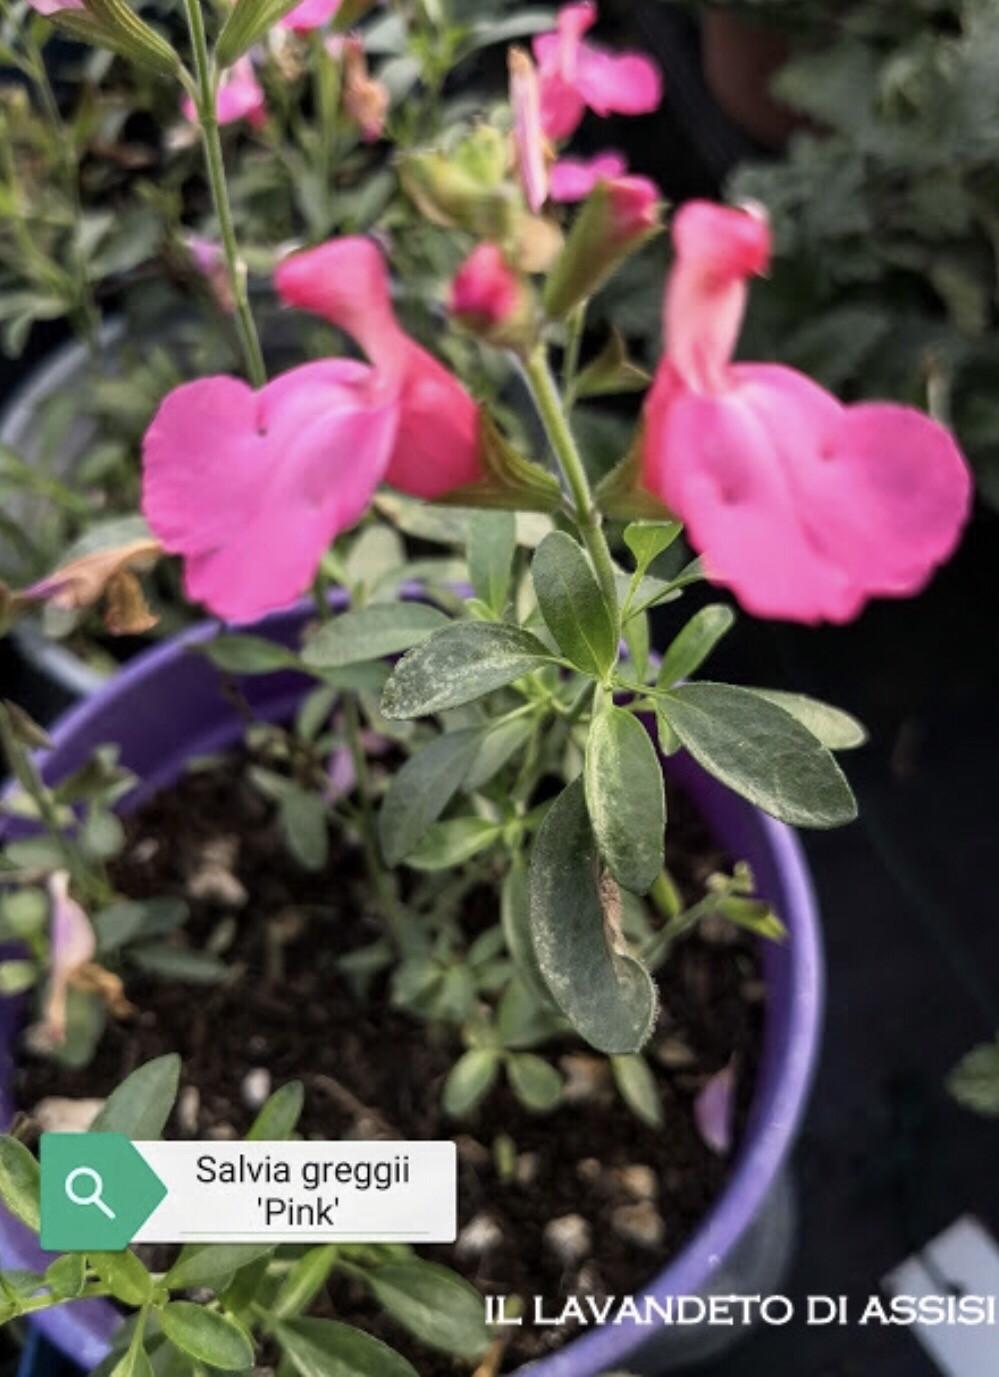 """Salvia """" Greggii Pink"""" (14 Cm) Ordinare dal sito: https://www.illavandetodiassisi.com/catalogo-vendita-online.html"""